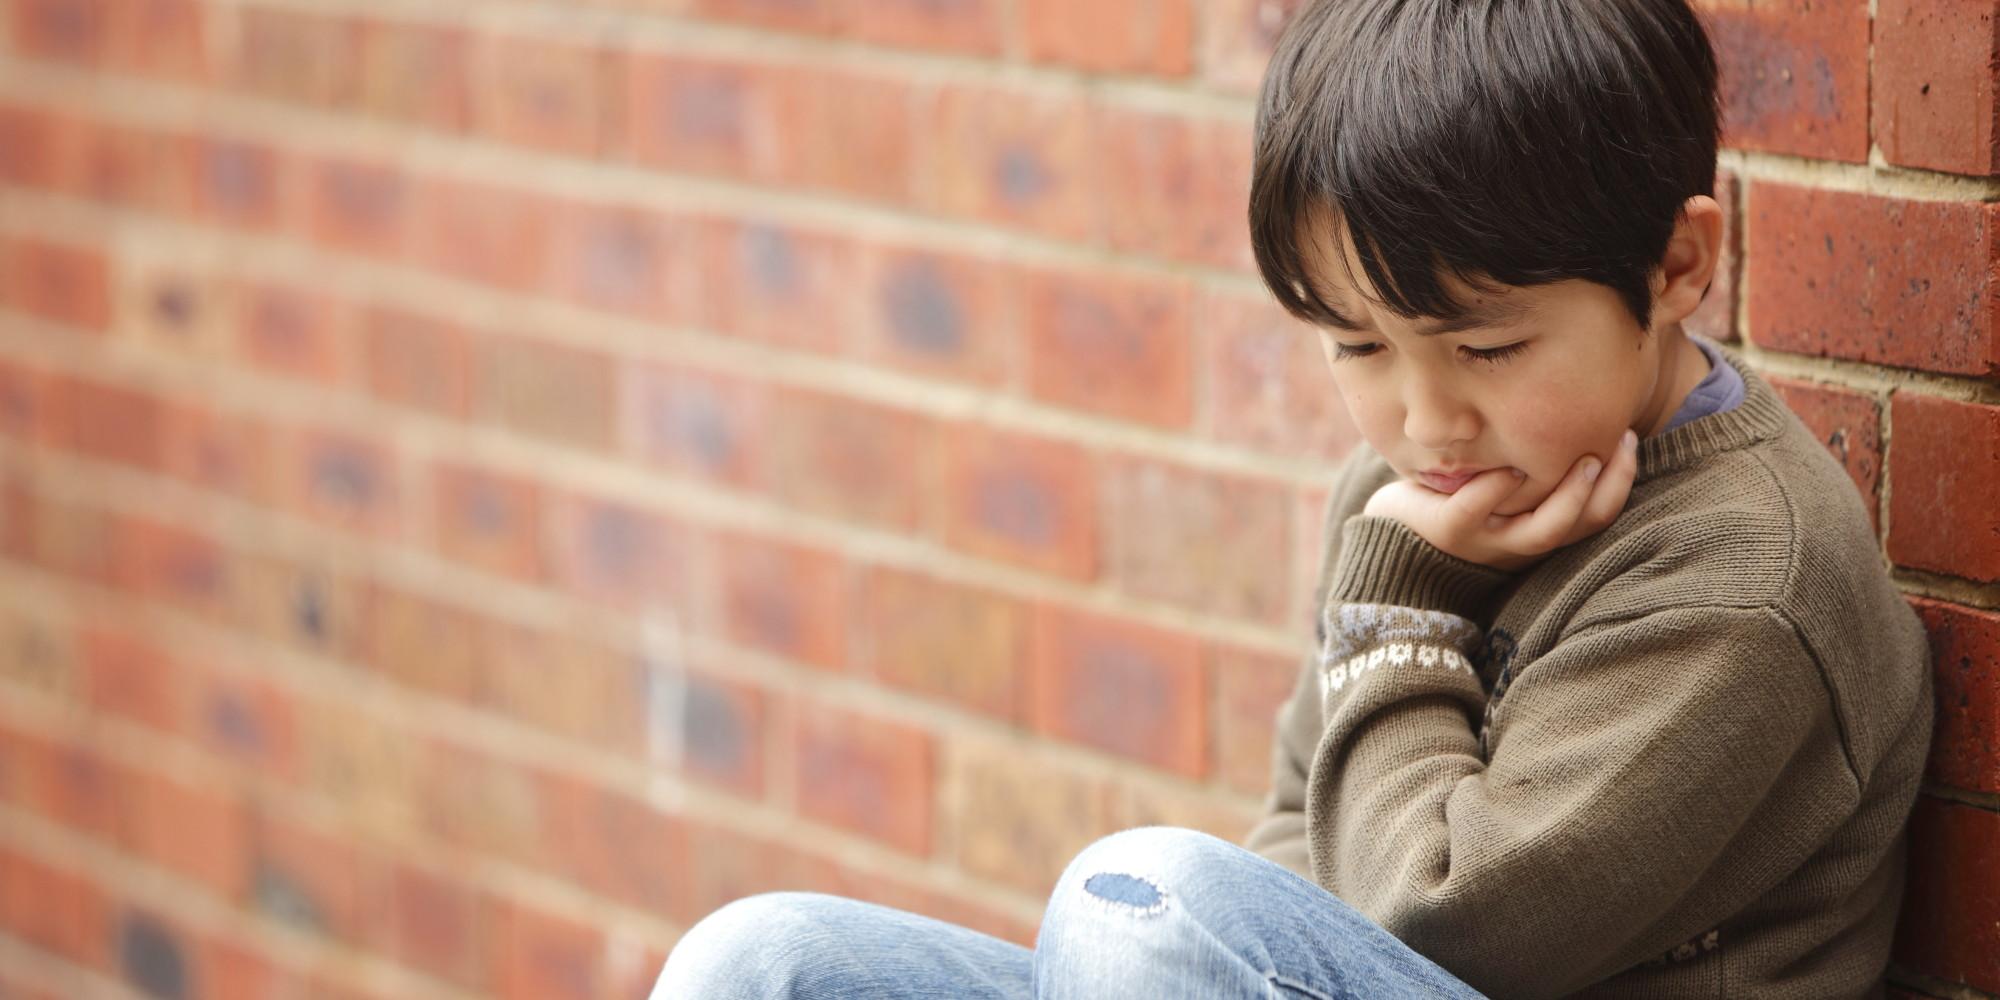 Lạm dụng rượu ở trẻ em nhút nhát [Theo nghiên cứu]